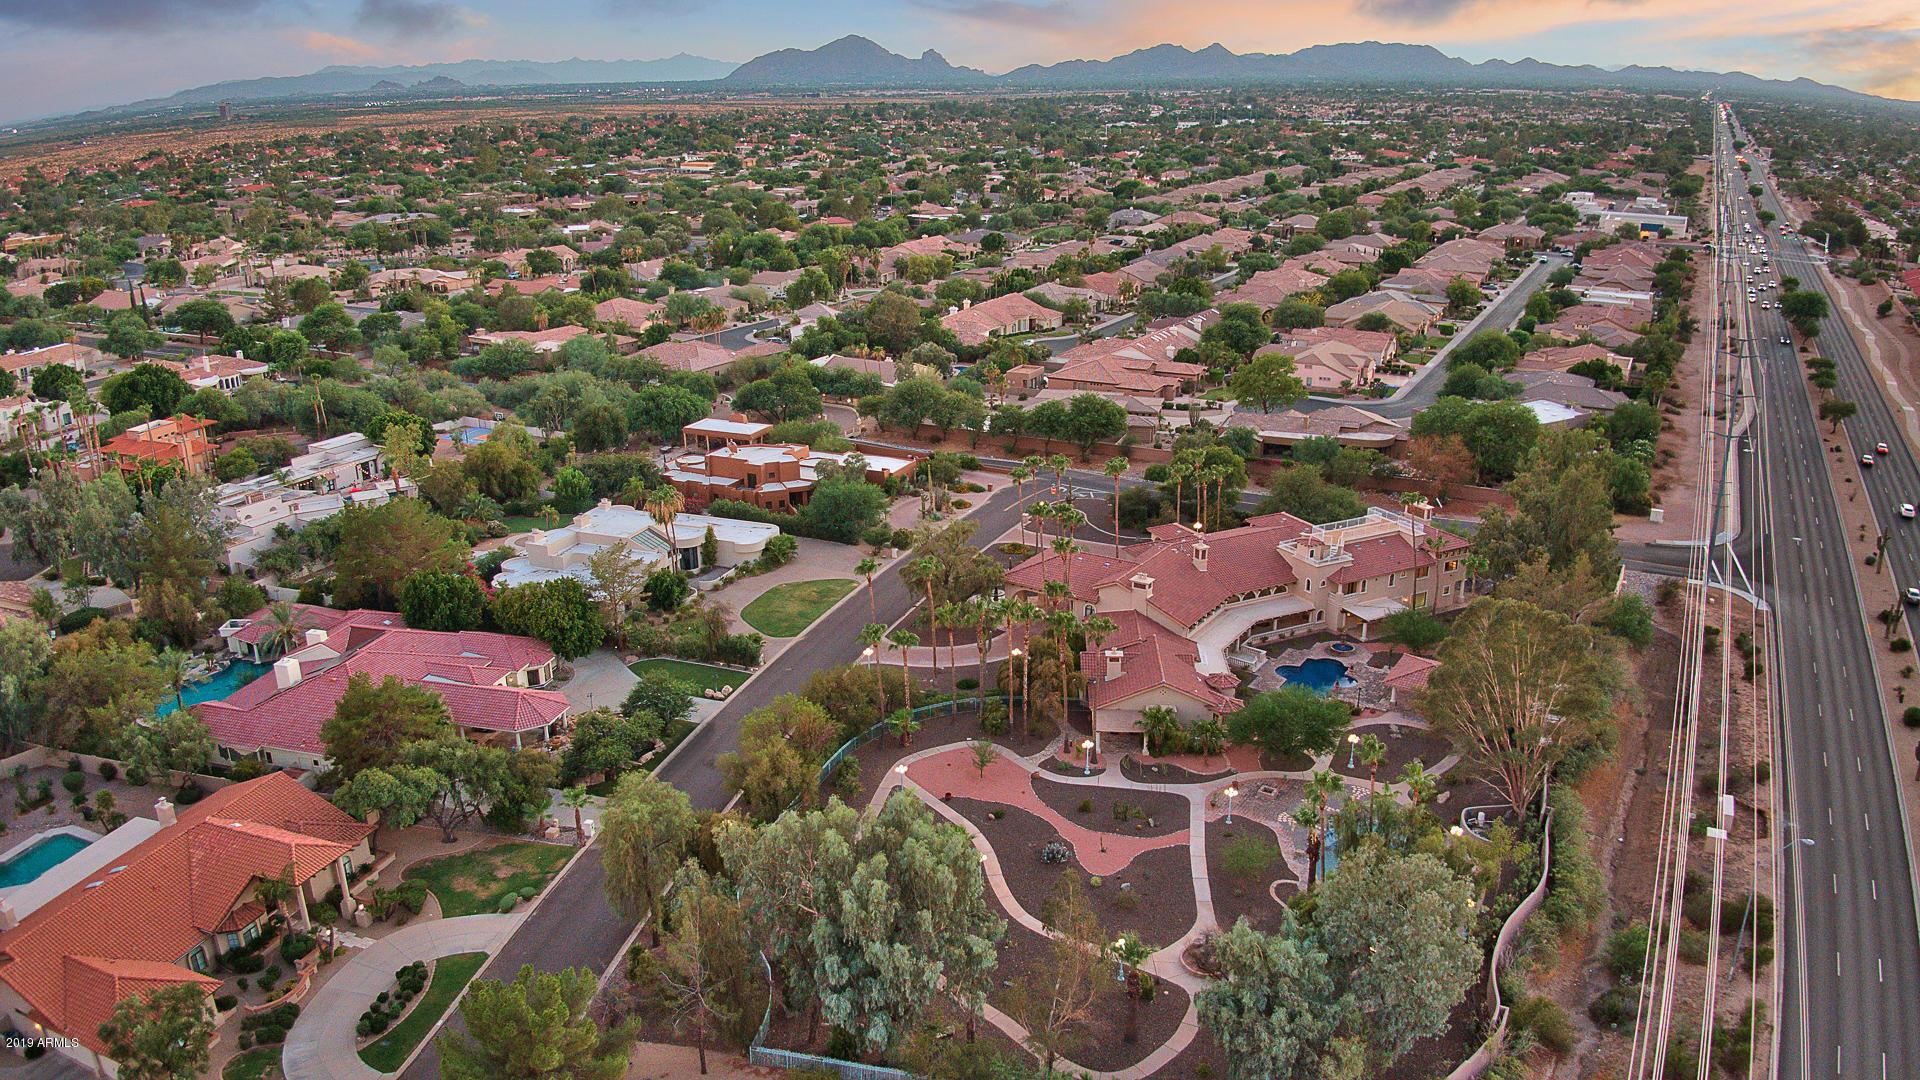 MLS 5959555 11218 E NORTH Lane, Scottsdale, AZ 85259 Scottsdale AZ Private Pool